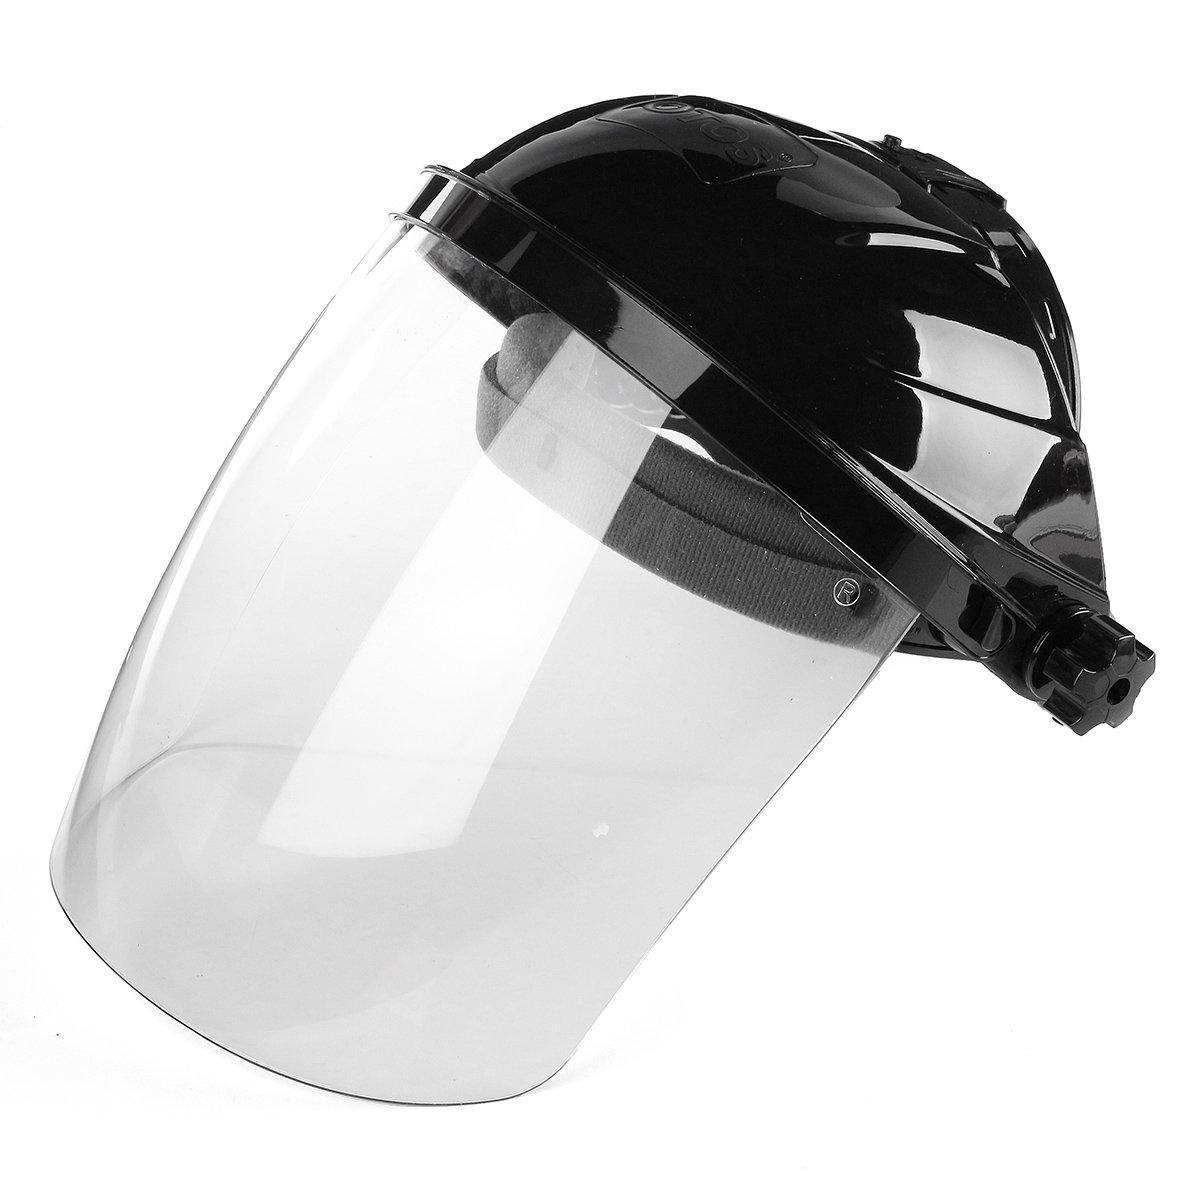 KUNSE Lentille Transparente Anti-UV Anti-Chocs De Soudage Casque Visage Bouclier De Soudure Masque